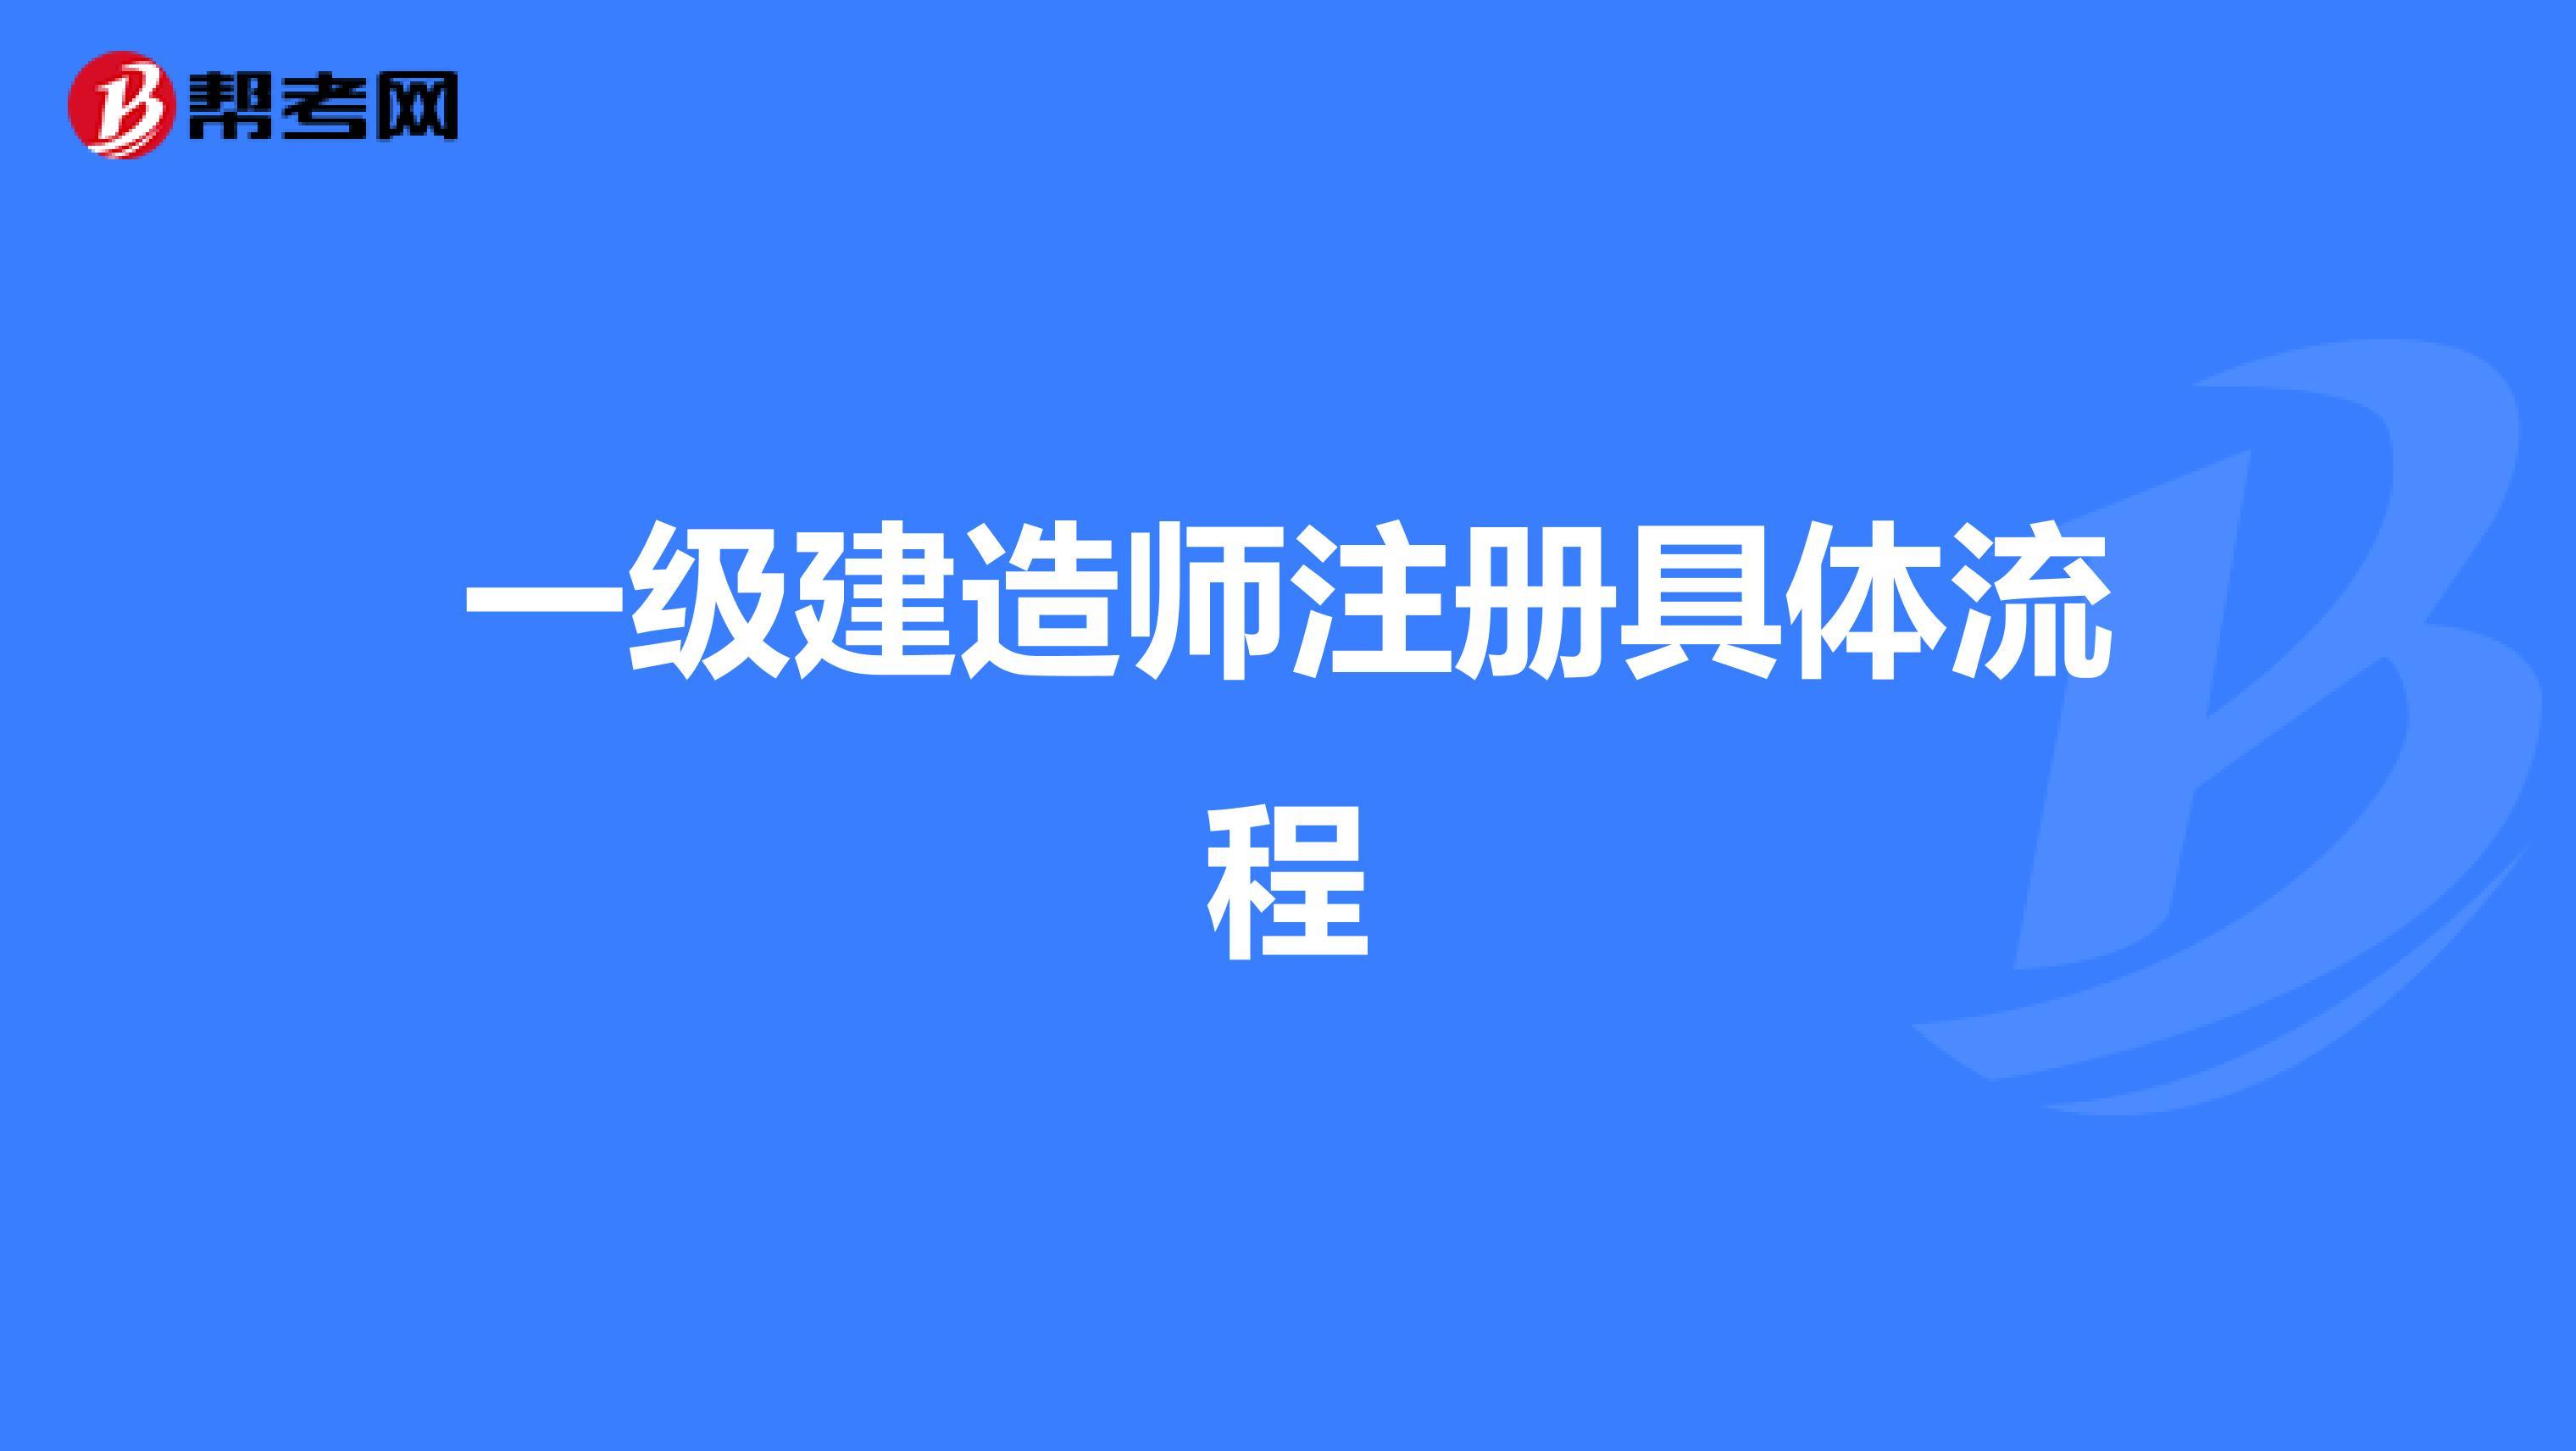 【热竞技下载开户】一级建造师注册具体流程